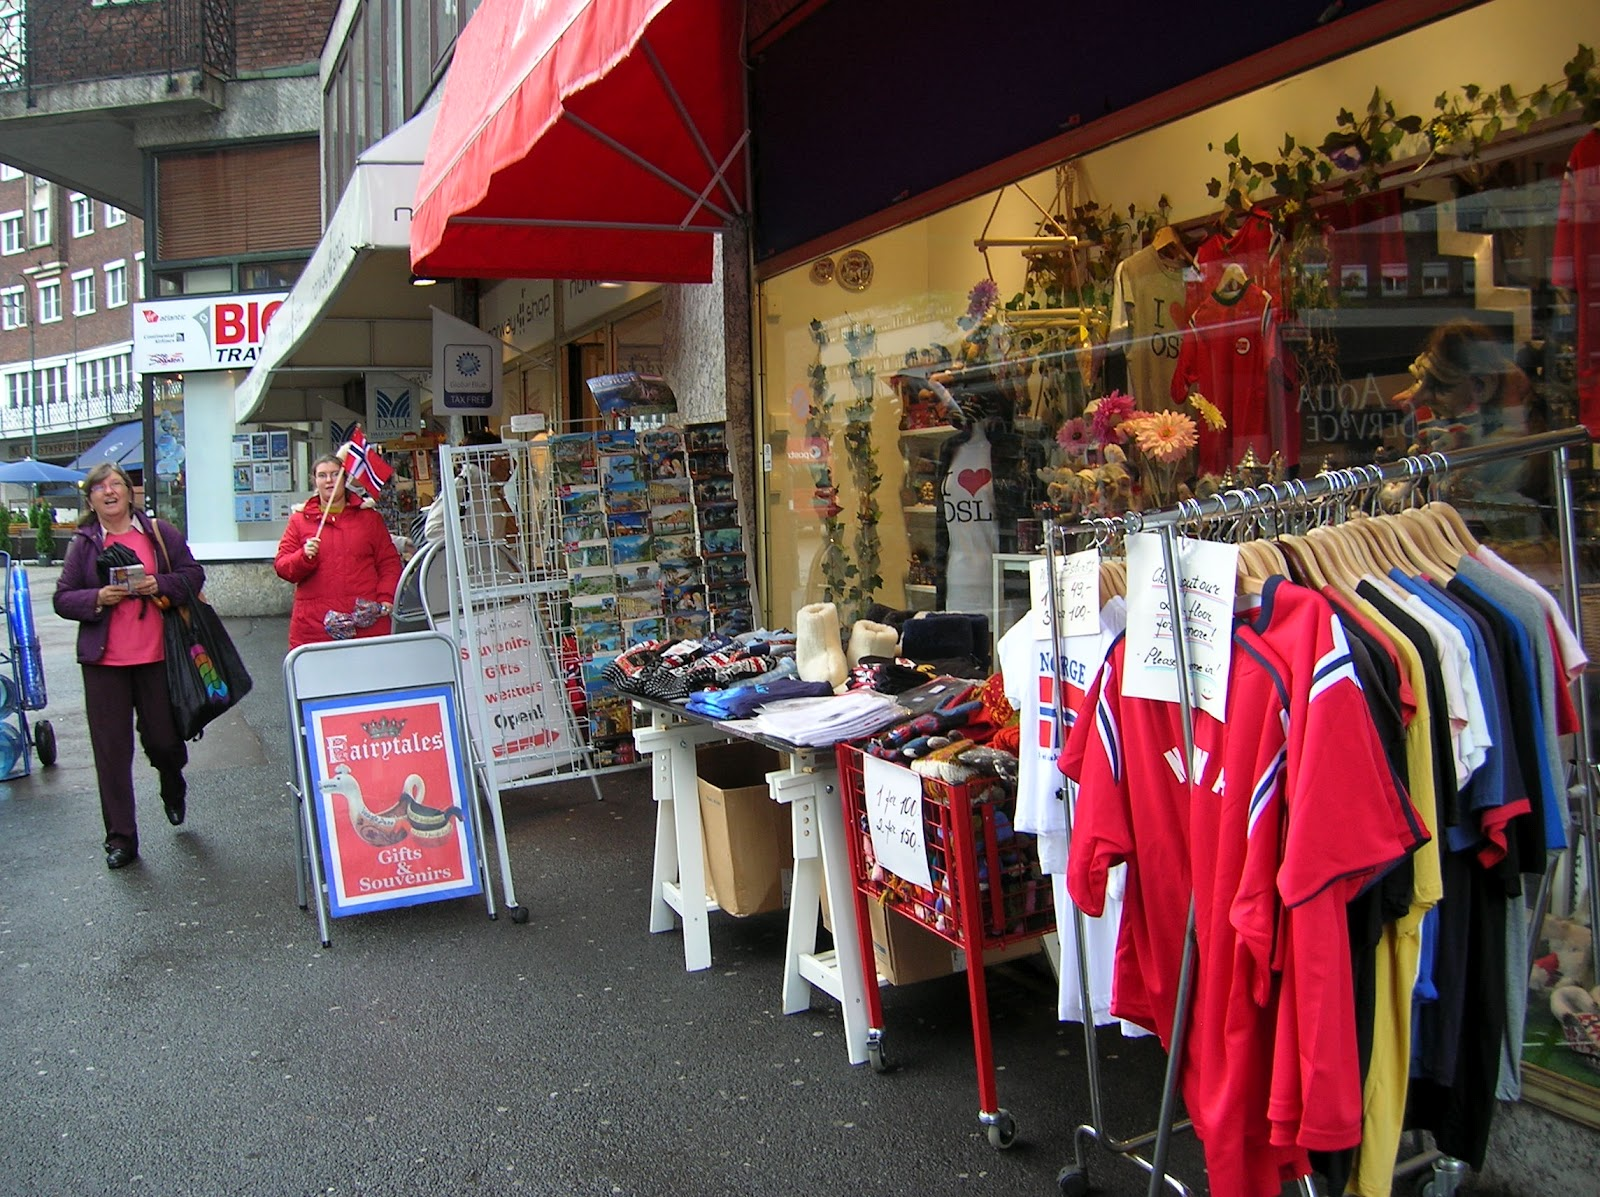 tiendas en oslo, oslo, noruega, vuelta al mundo, round the world, información viajes, consejos, fotos, guía, diario, excursiones